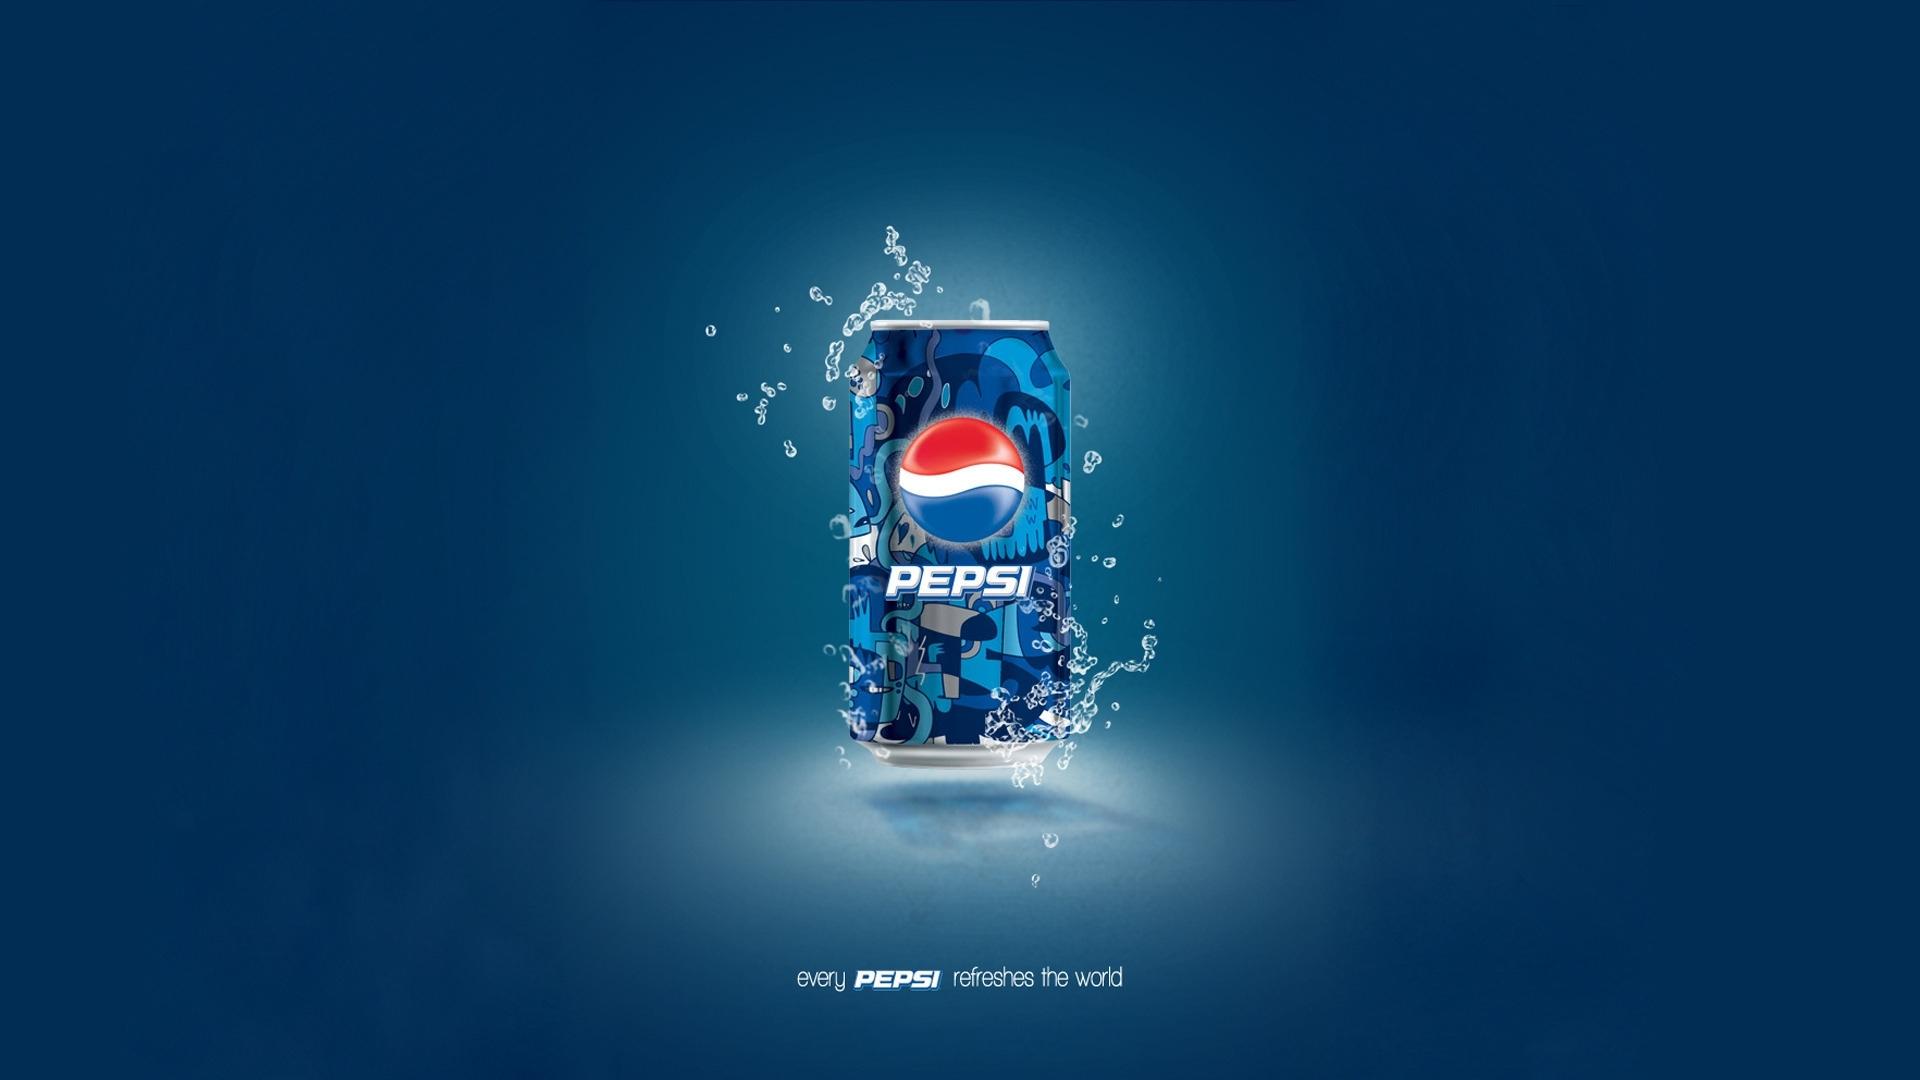 Pepsi Creative Wallpaper